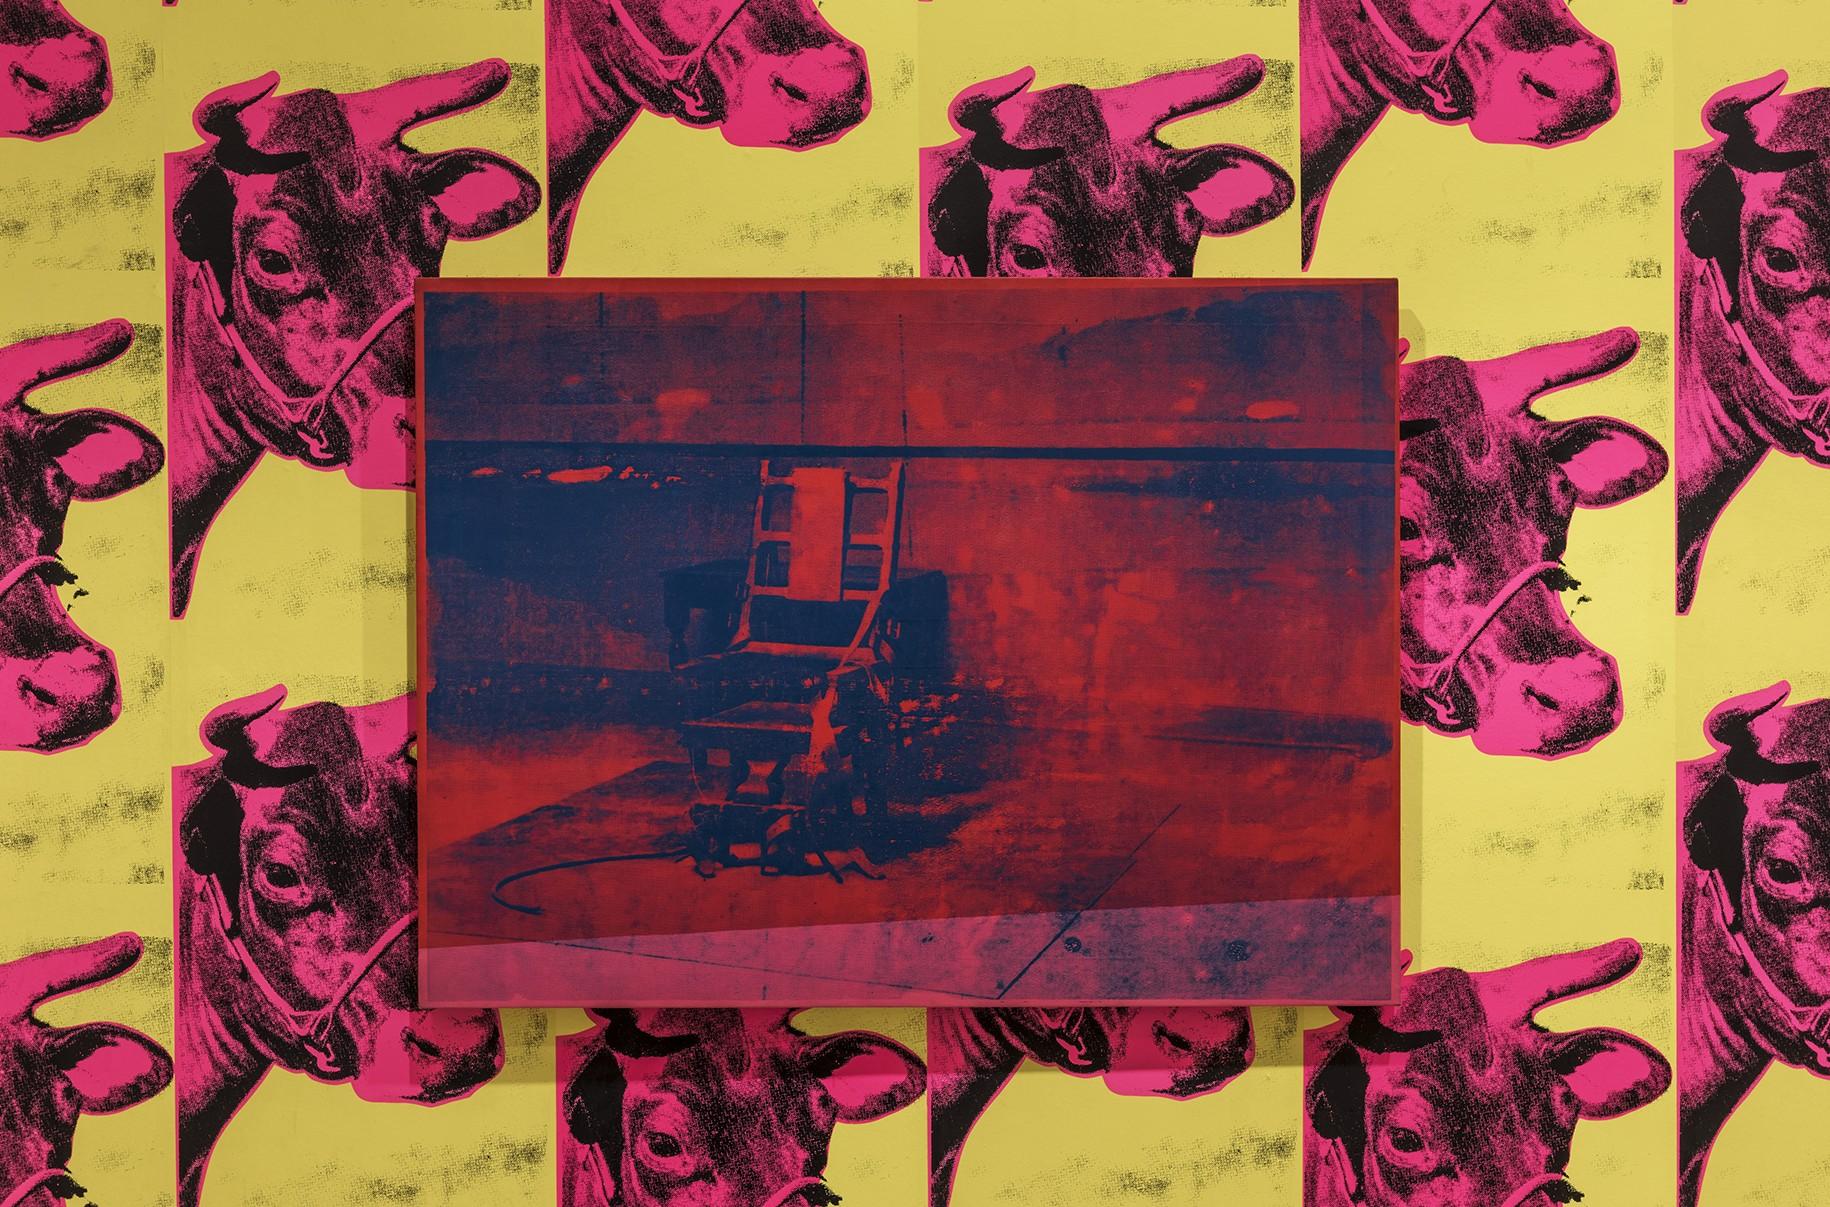 Andy Warhol, Electric Chair. Vue d'exposition, Warhol Unlimited, au Musée d'Art moderne de la Ville de Paris, 2015 © The Andy Warhol Foundation for the Visual Arts, Inc. / ADAGP, Paris 2015 © Pierre Antoine